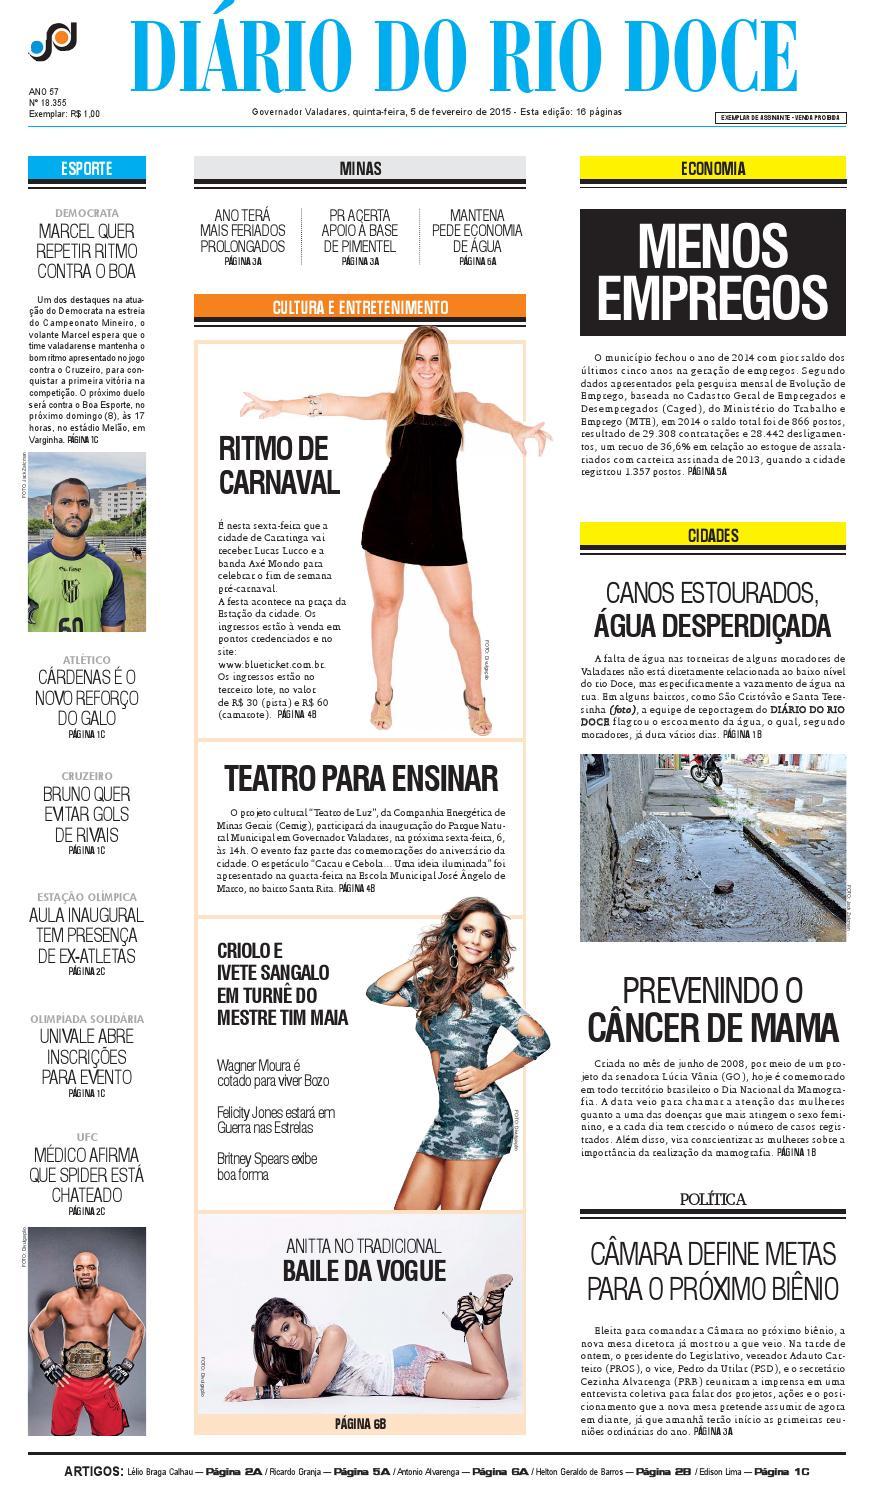 Diário do Rio Doce - Edição de 05 02 2015 by Diário do Rio Doce - issuu 3eb0abcbd24